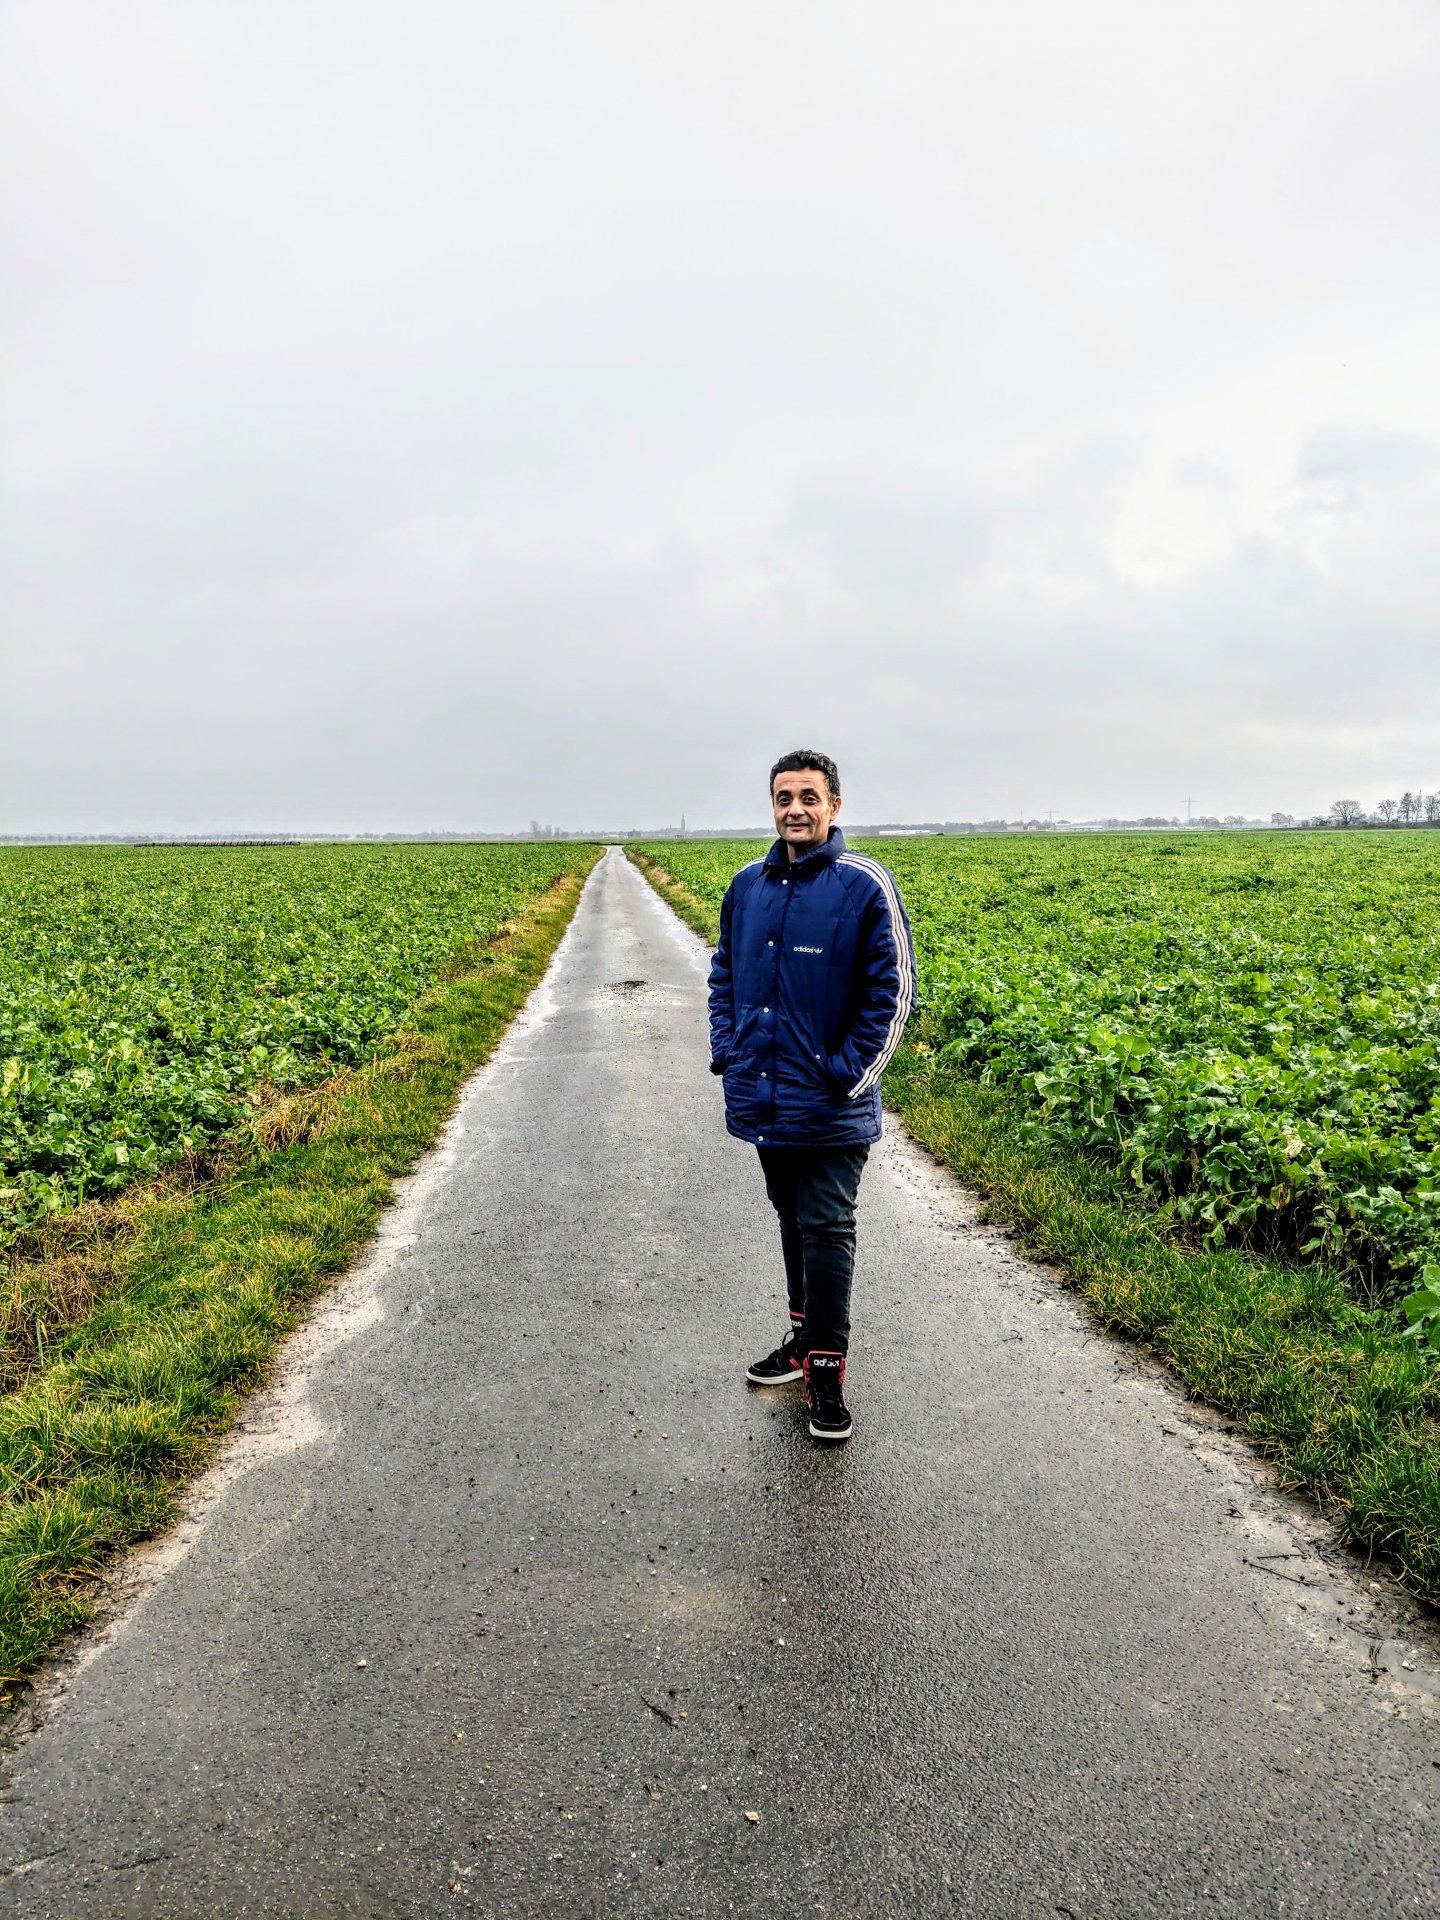 OmOm aus Nordrhein-Westfalen,Deutschland